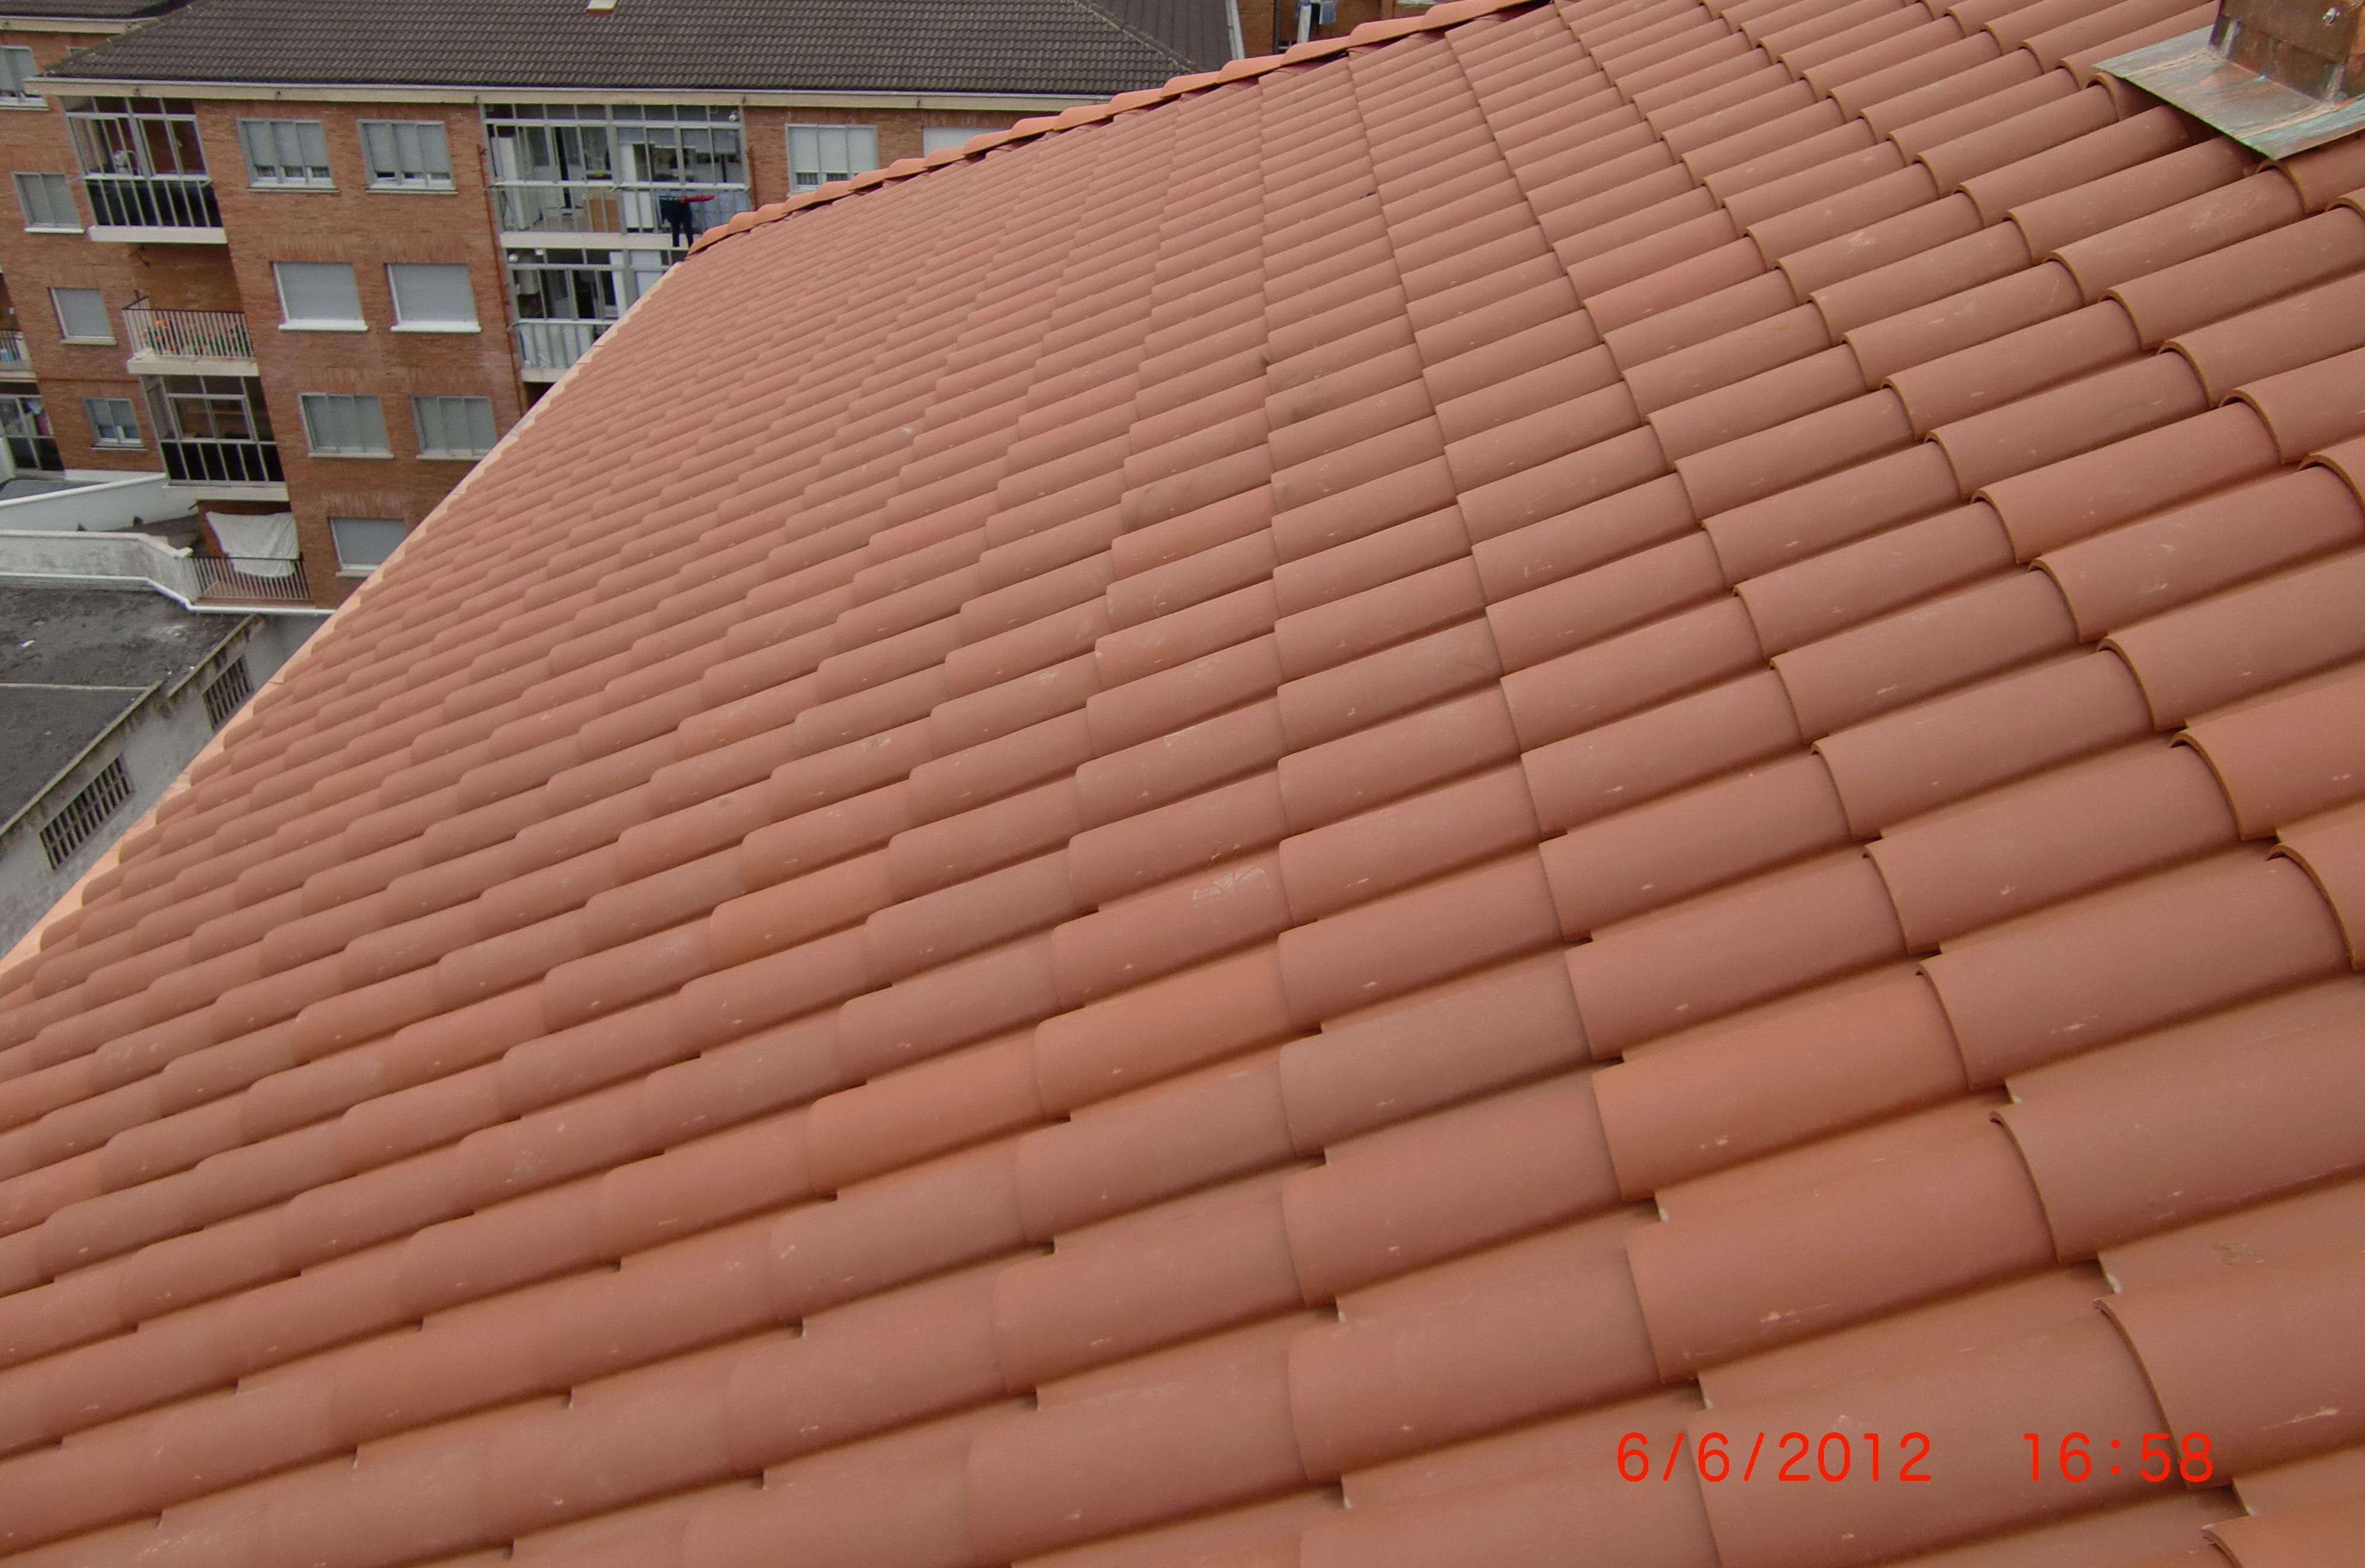 Rehabilitación de tejado en la calle Bernal de Luko, 9 Vitoria-Gasteiz